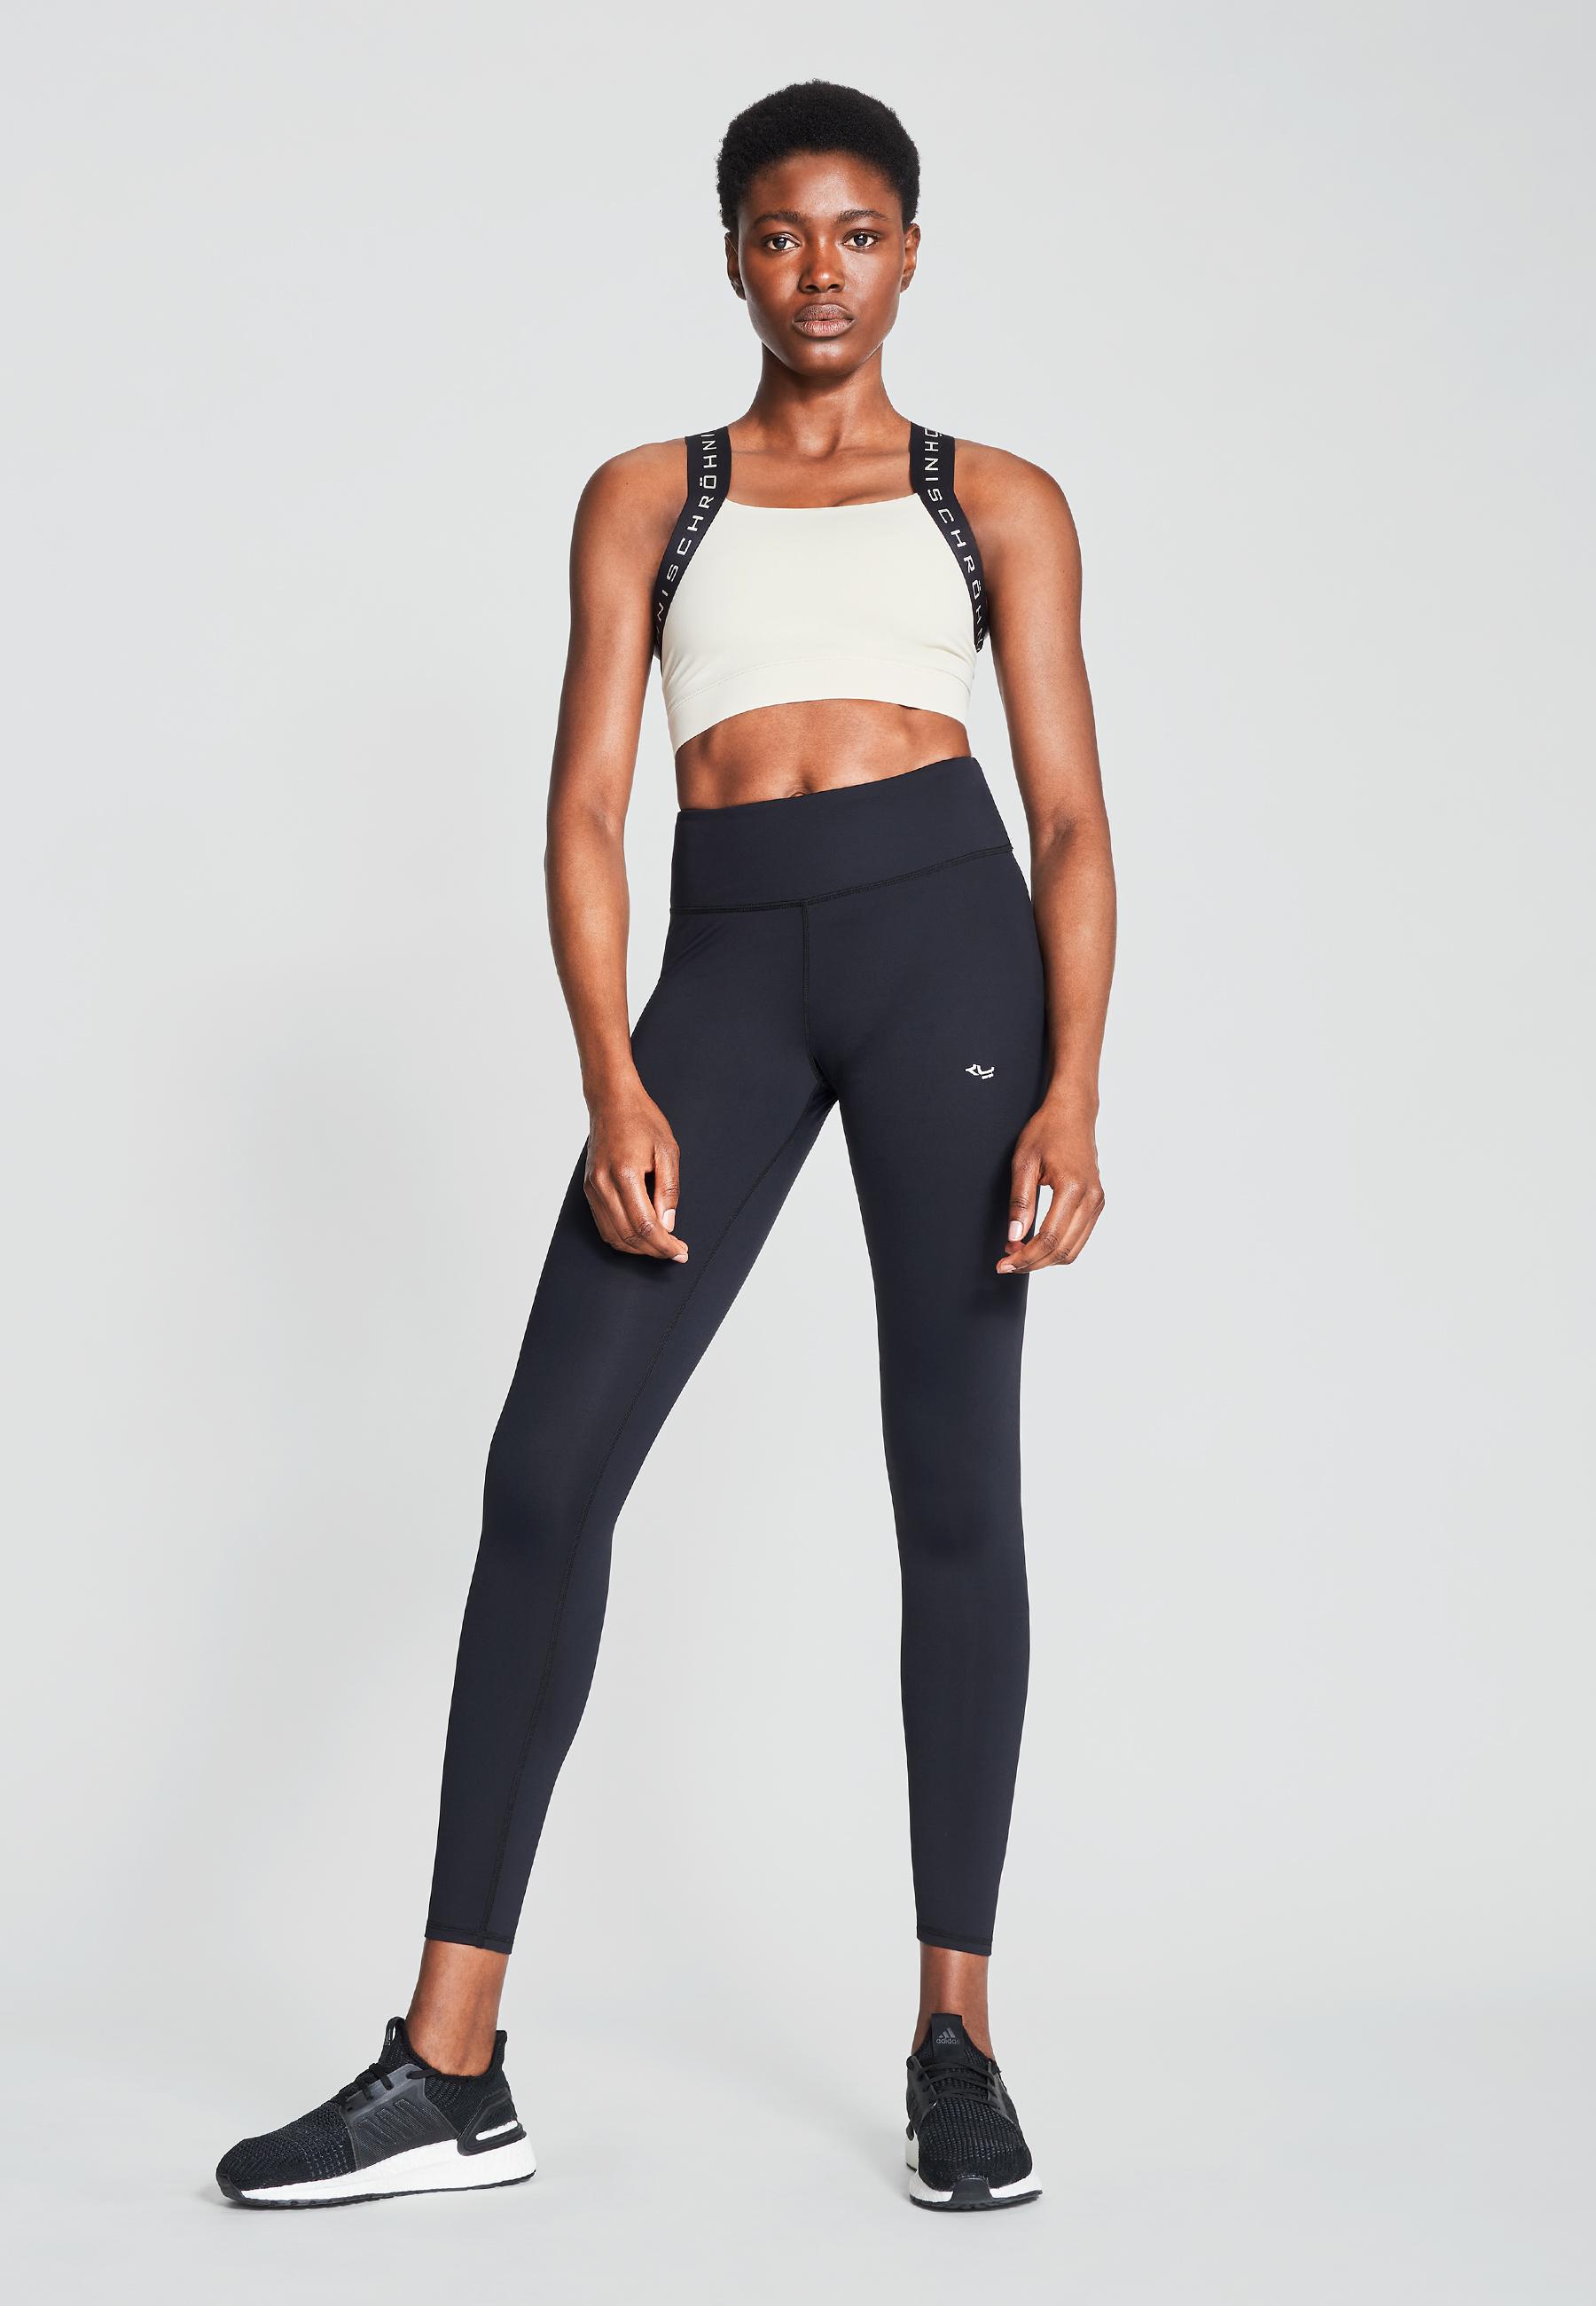 röhnisch shape lasting tights